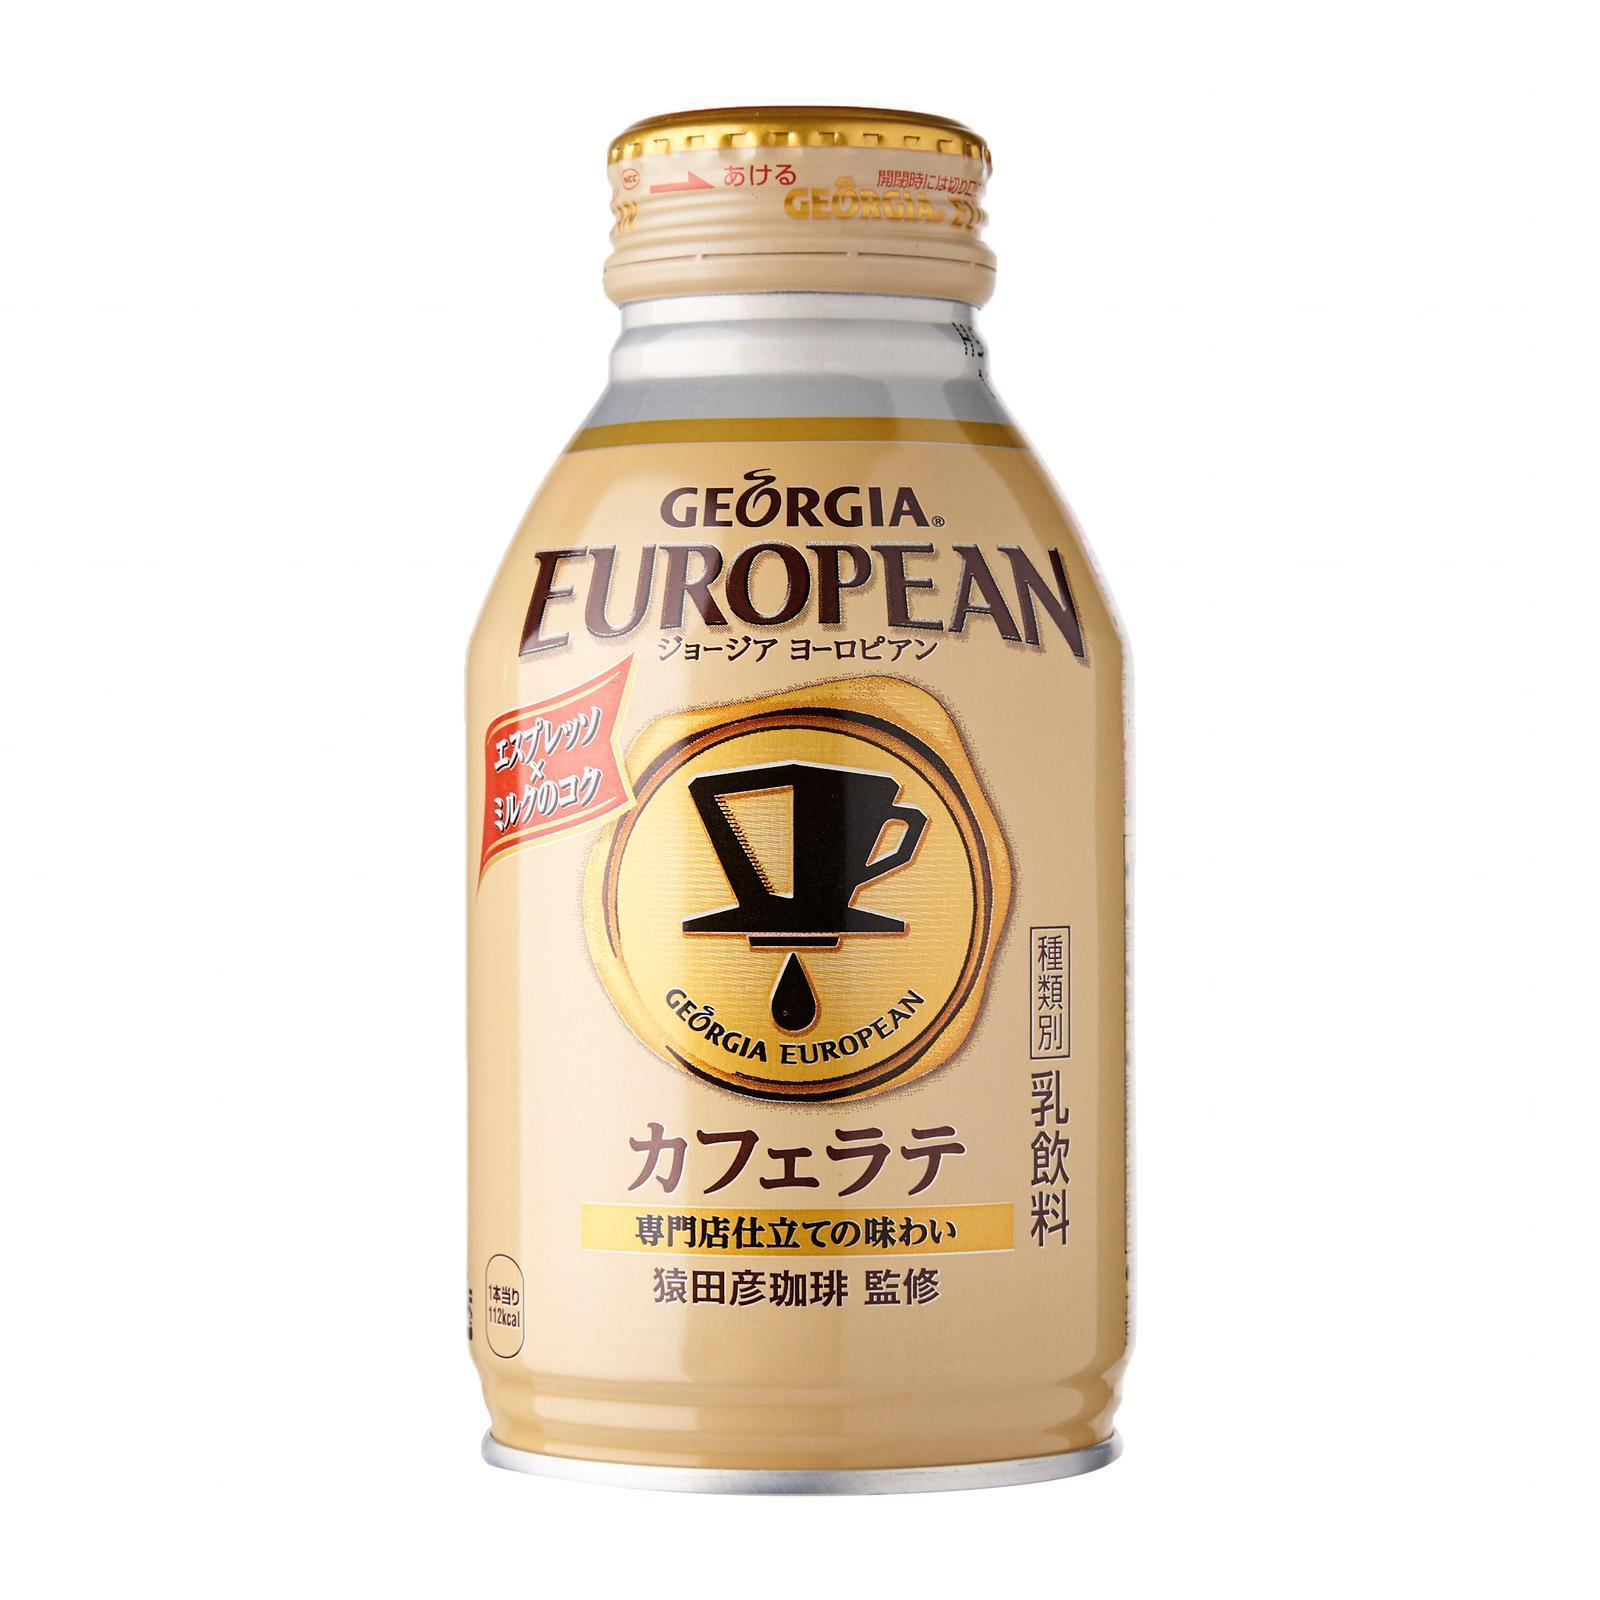 Georgia Fragrant European Cafe Latte Coffee - Jetro Special